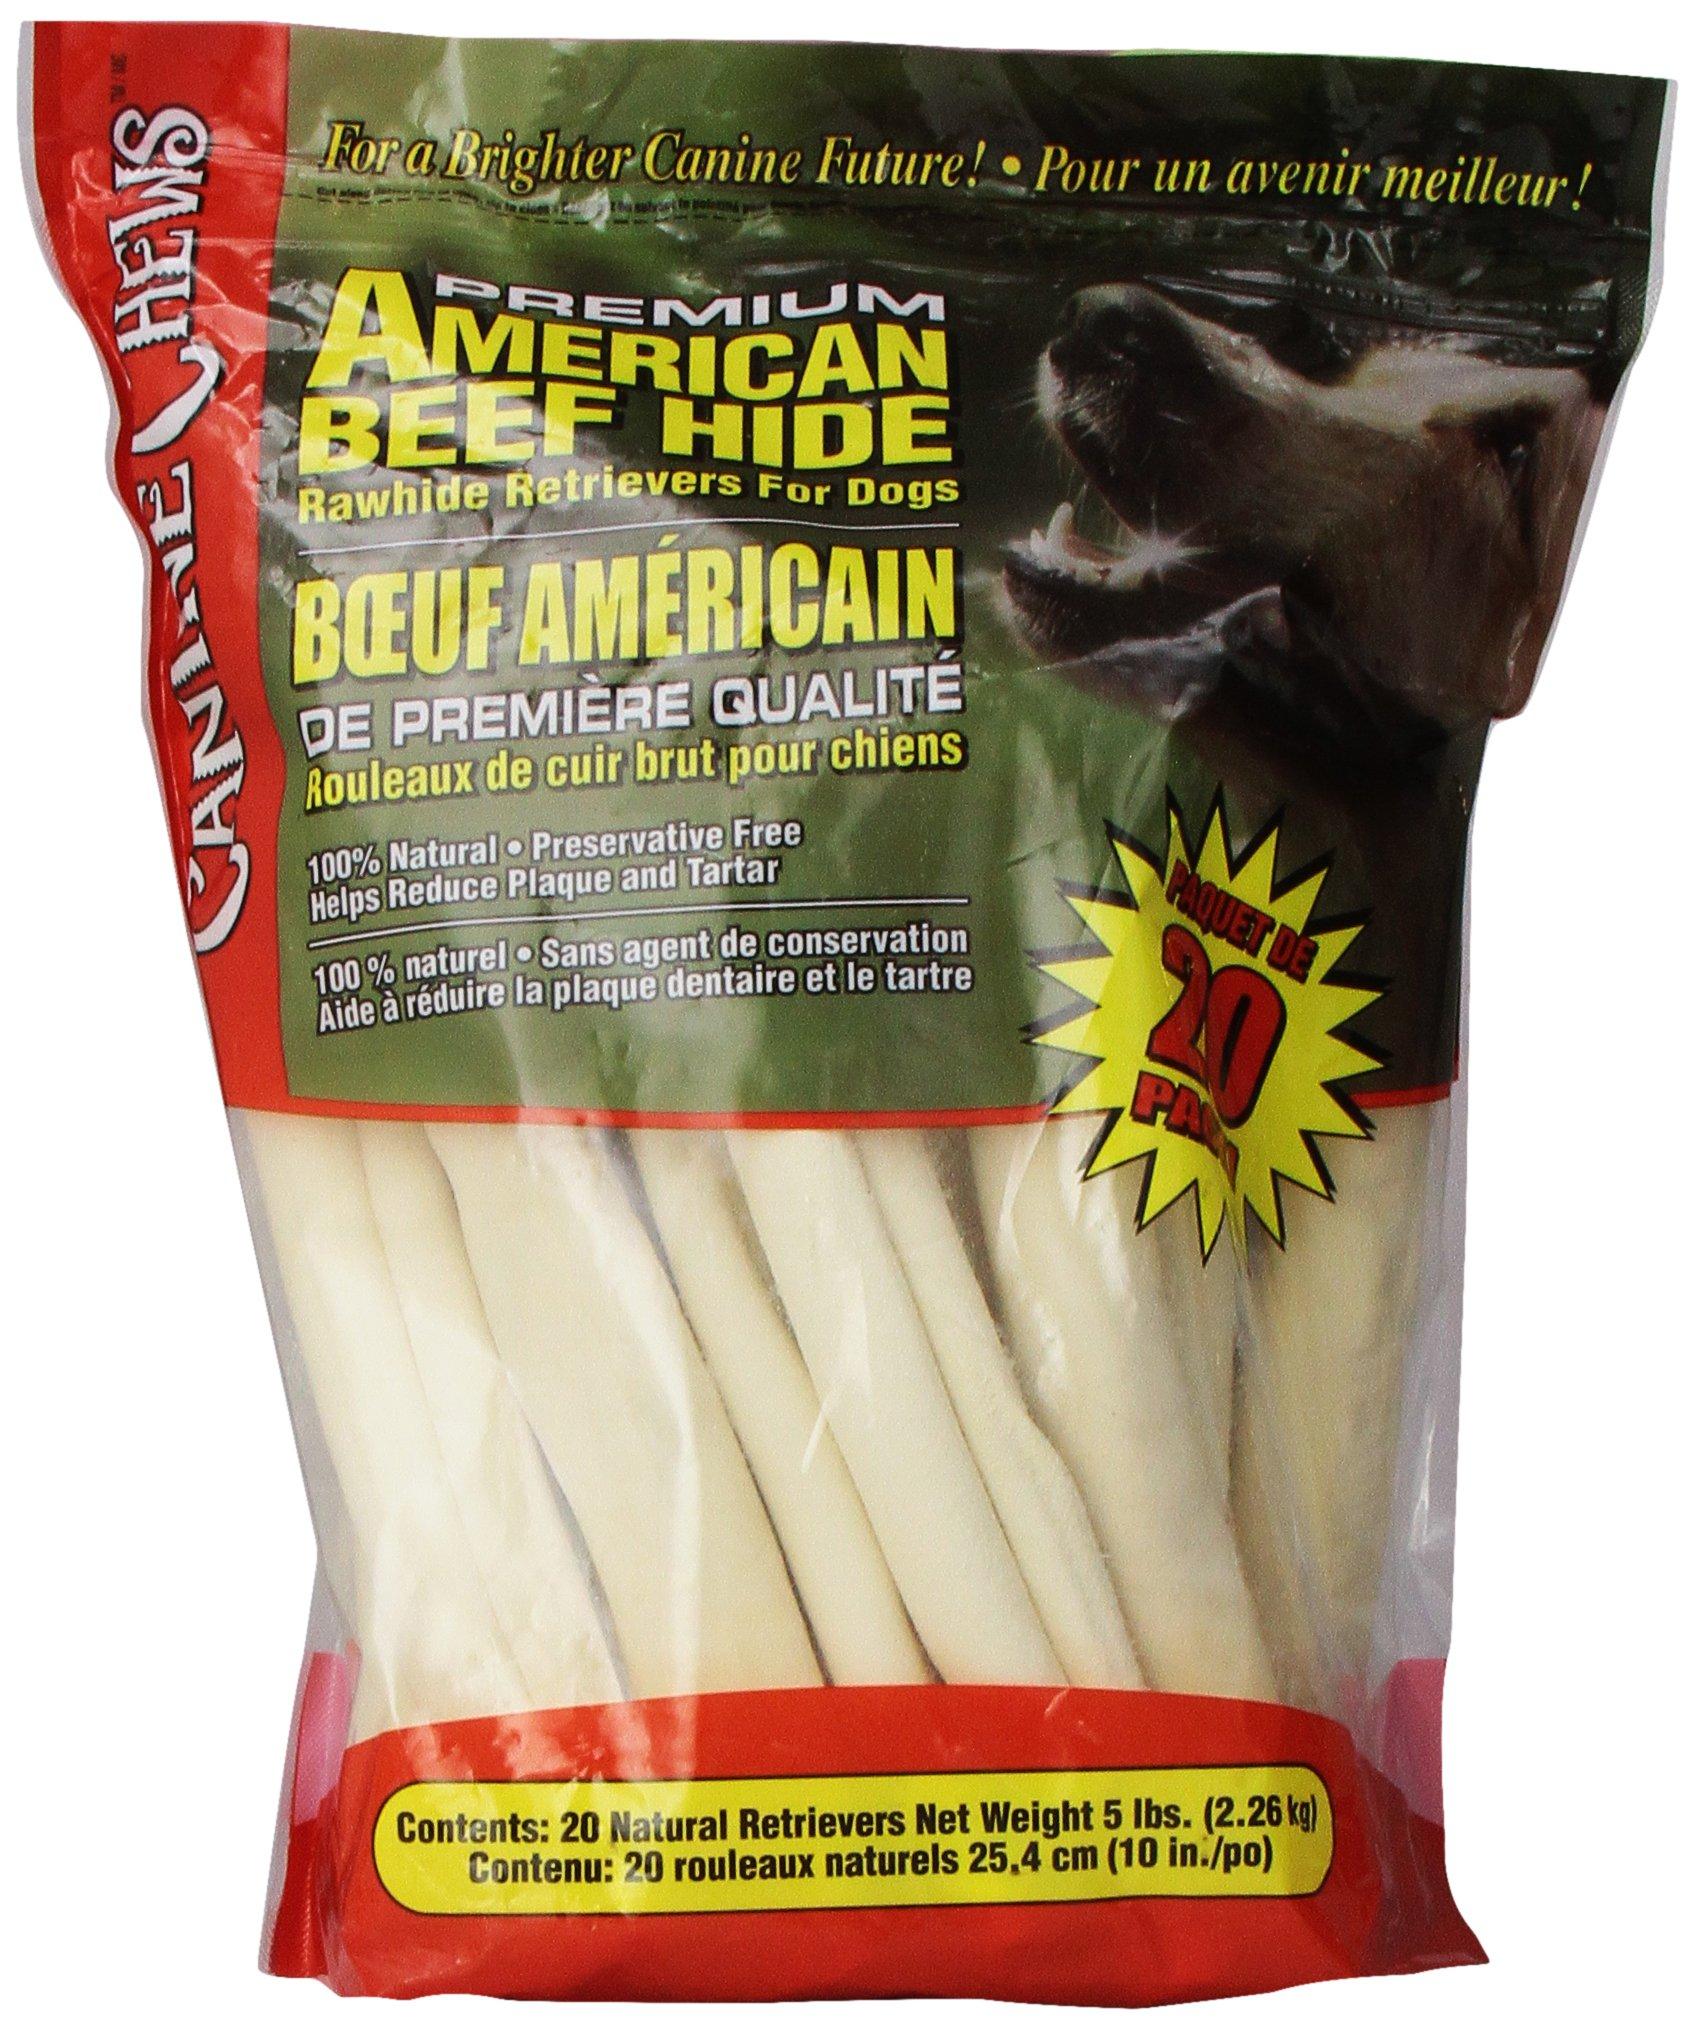 Premium American Beef Hide Natural Rawhide 20 Pack 10 Inches by American Beef Hide